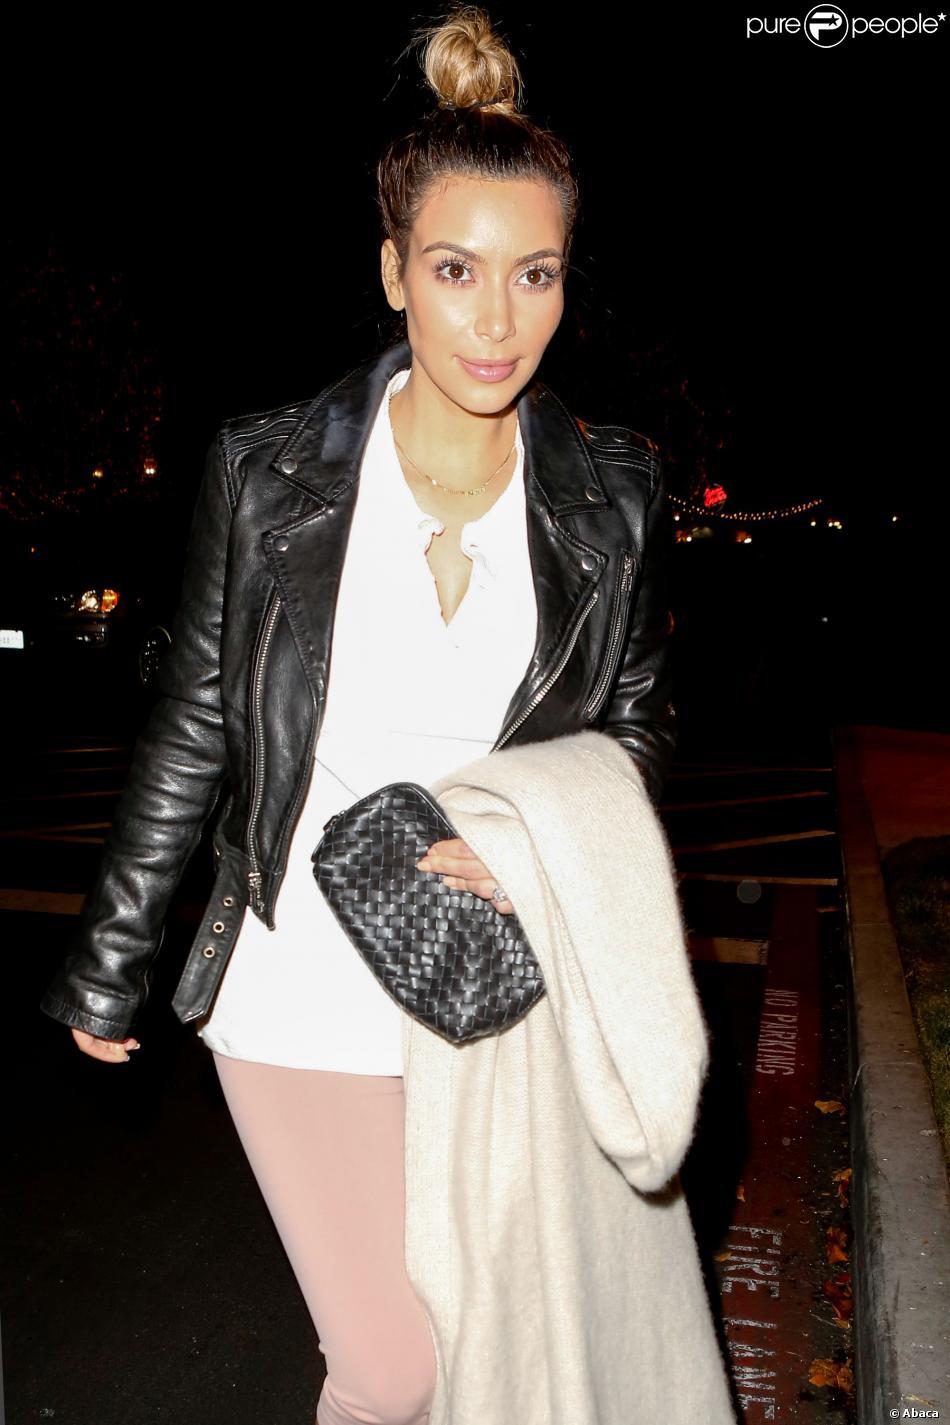 Kim Kardashian sort du cinéma accompagnée de Kanye West, Kendall Jenner, sa mère Kris, Kourtney Kardashian et Scott, à Calabasas, Los Angeles, CA, USA le 21 décembre 2013